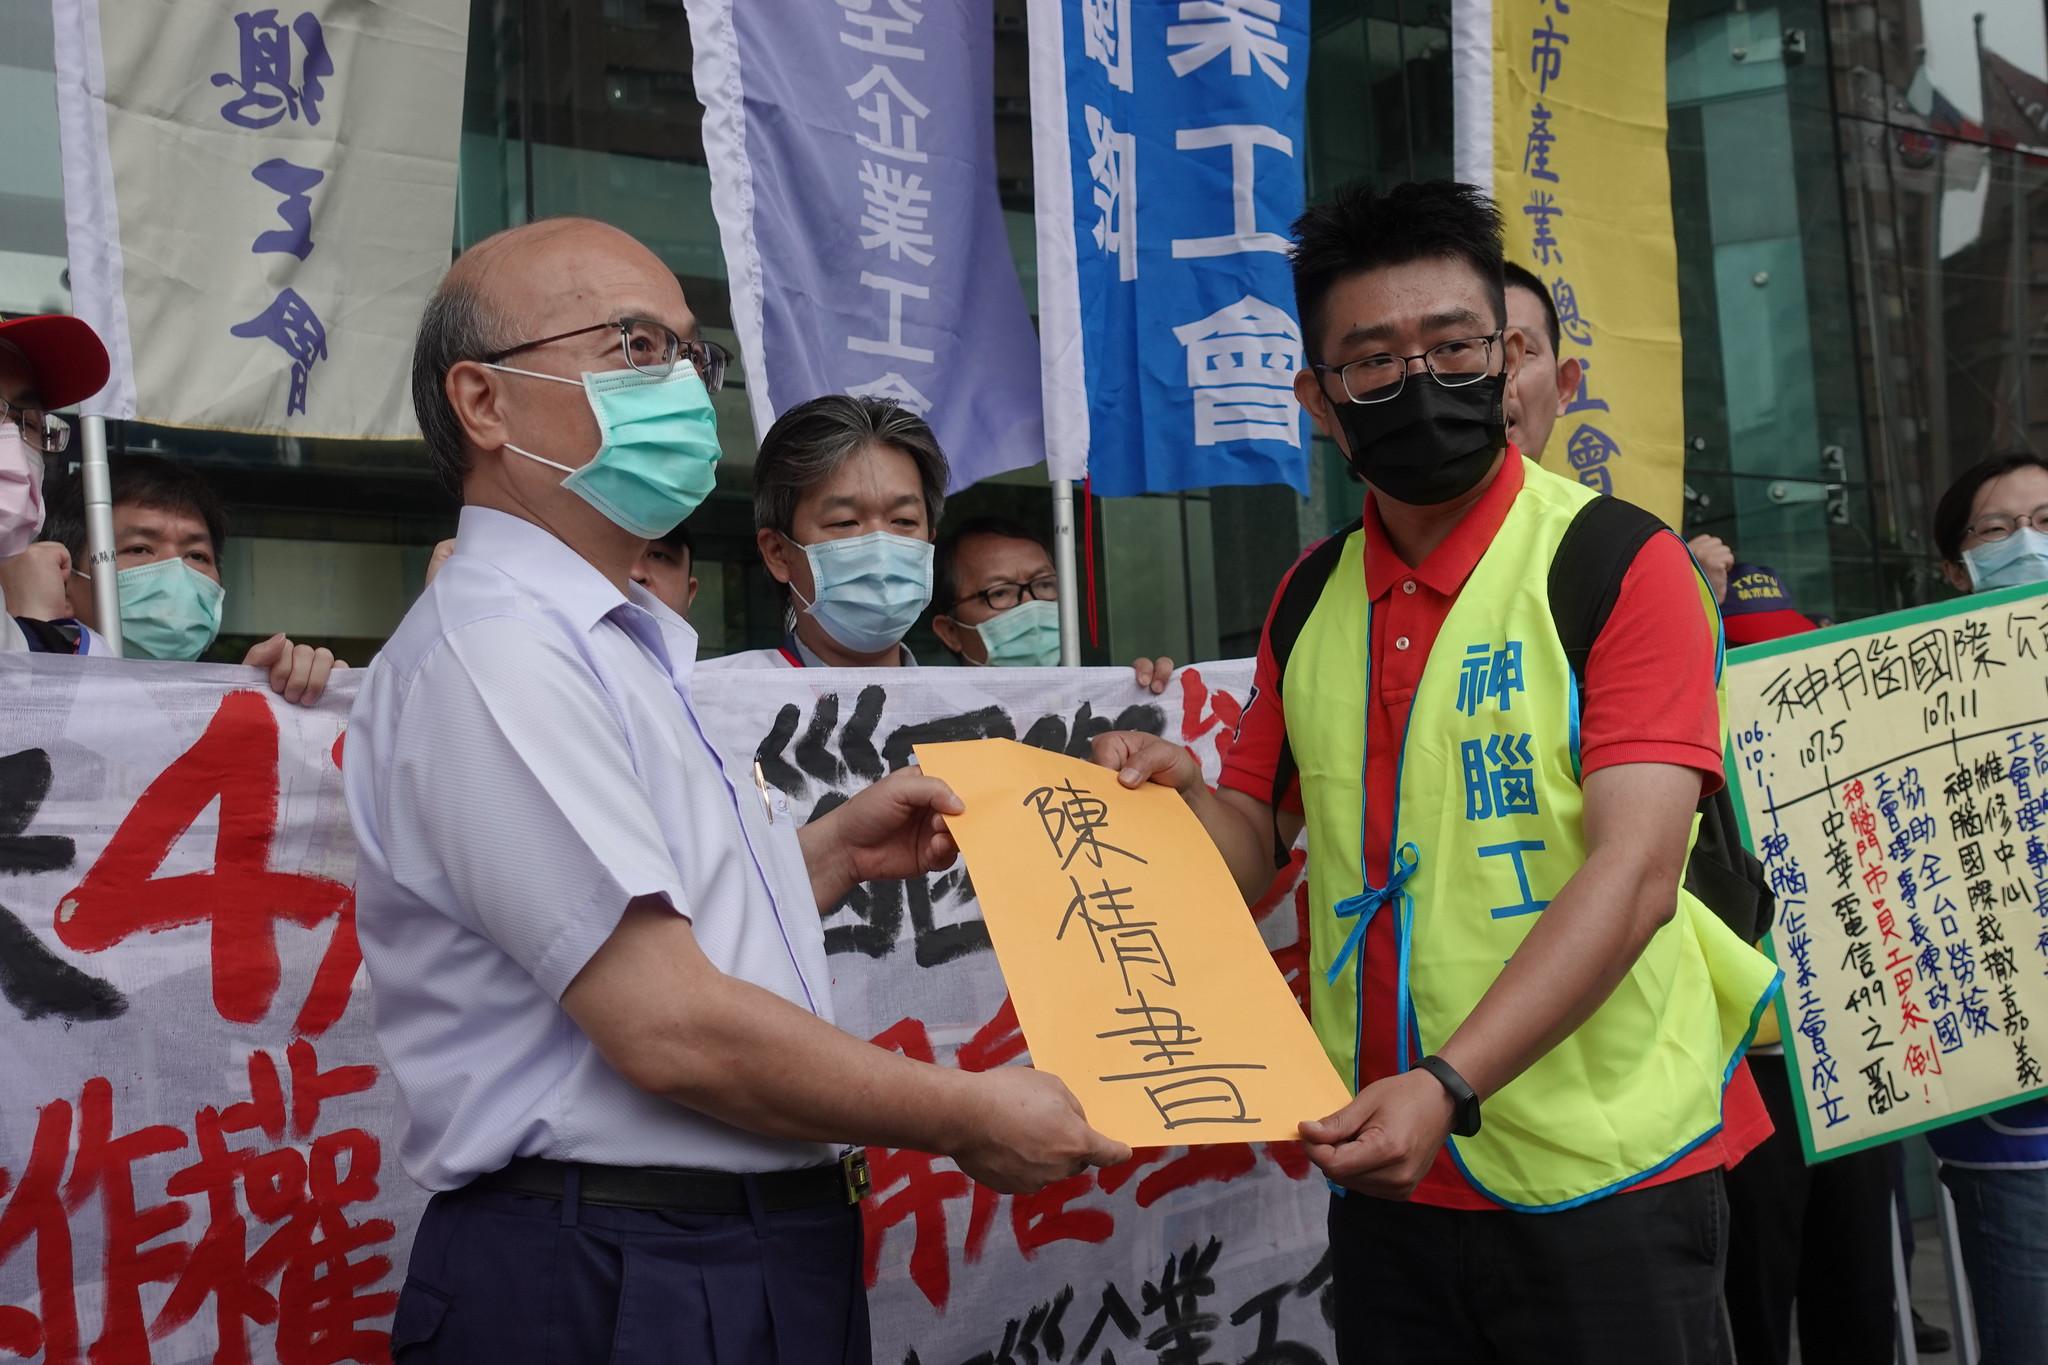 中華電信副總經理邱瑞旭出面接下工會陳情書。(攝影:張智琦)